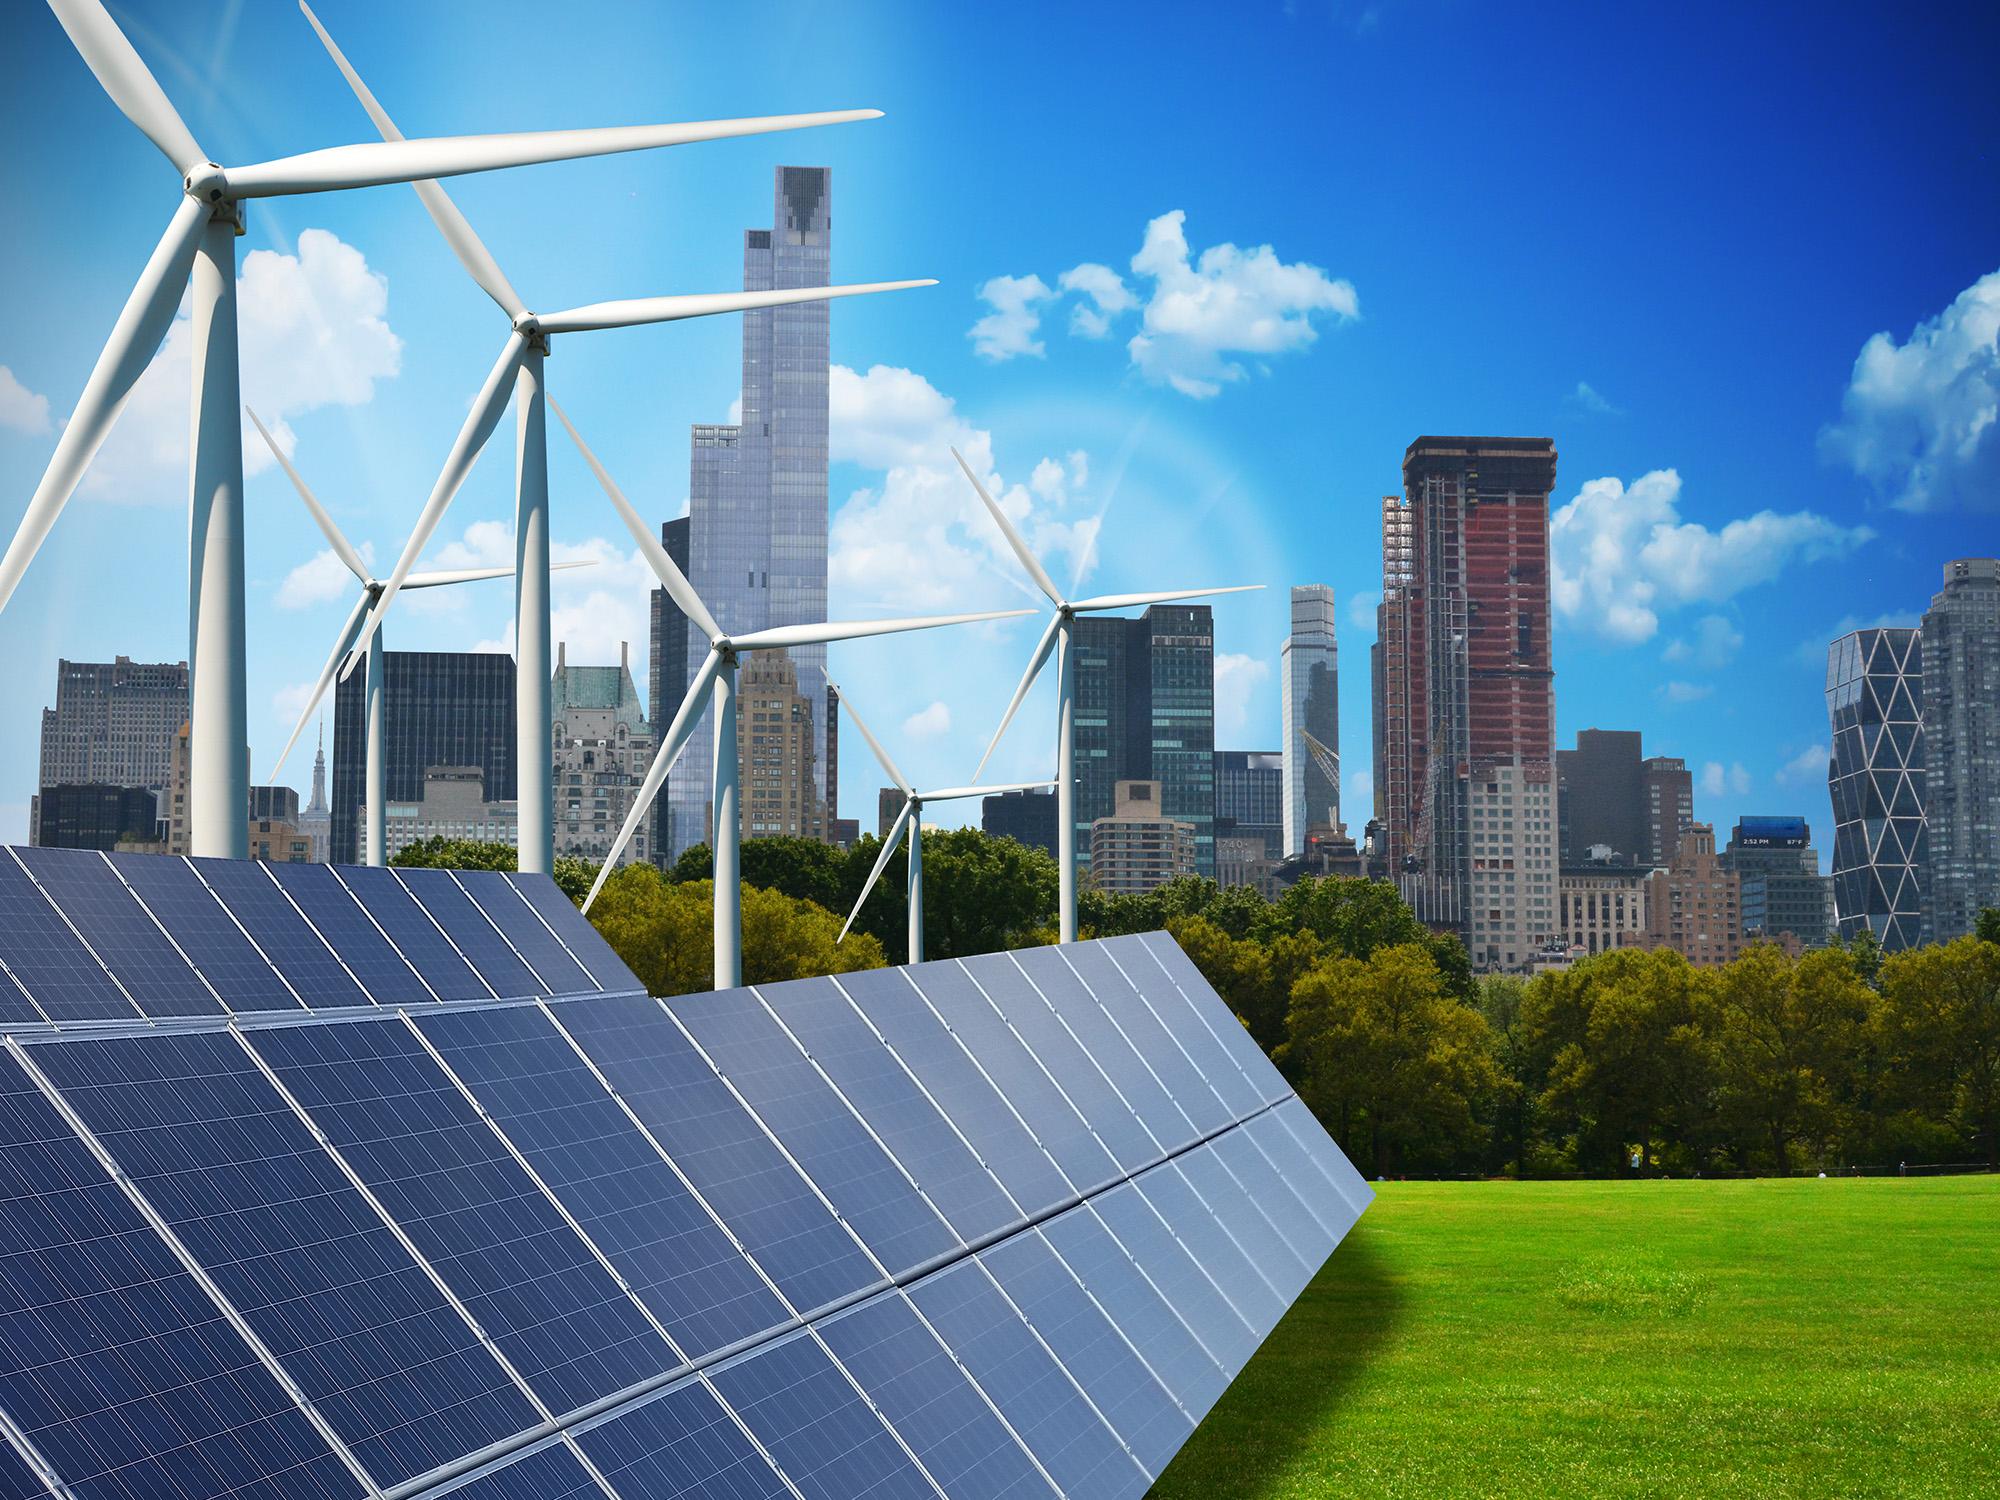 Erneuerbare Energien vor Stadt